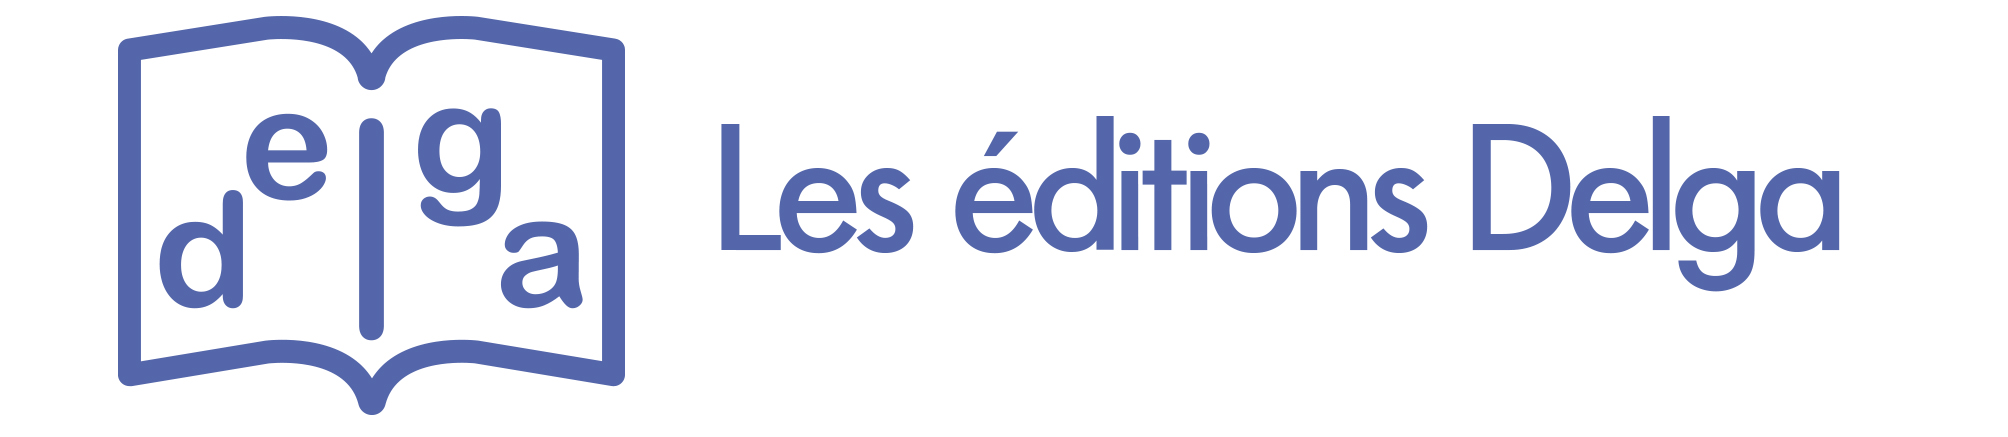 Les éditions Delga